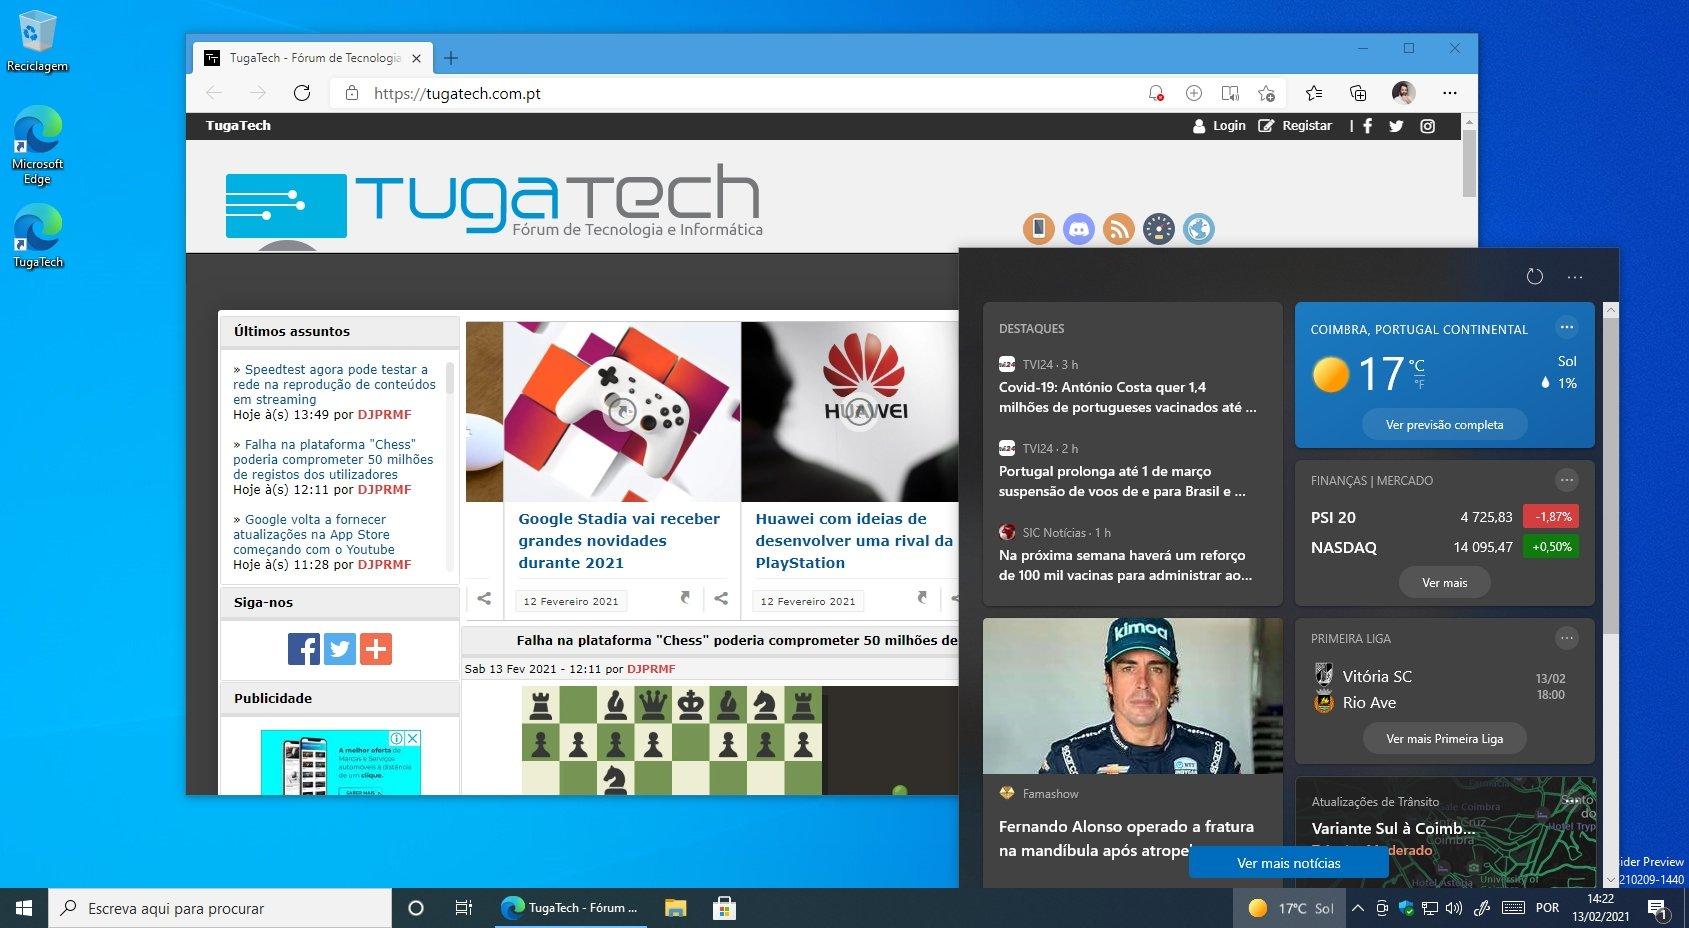 Windows 10 barra de tarefas com notícias